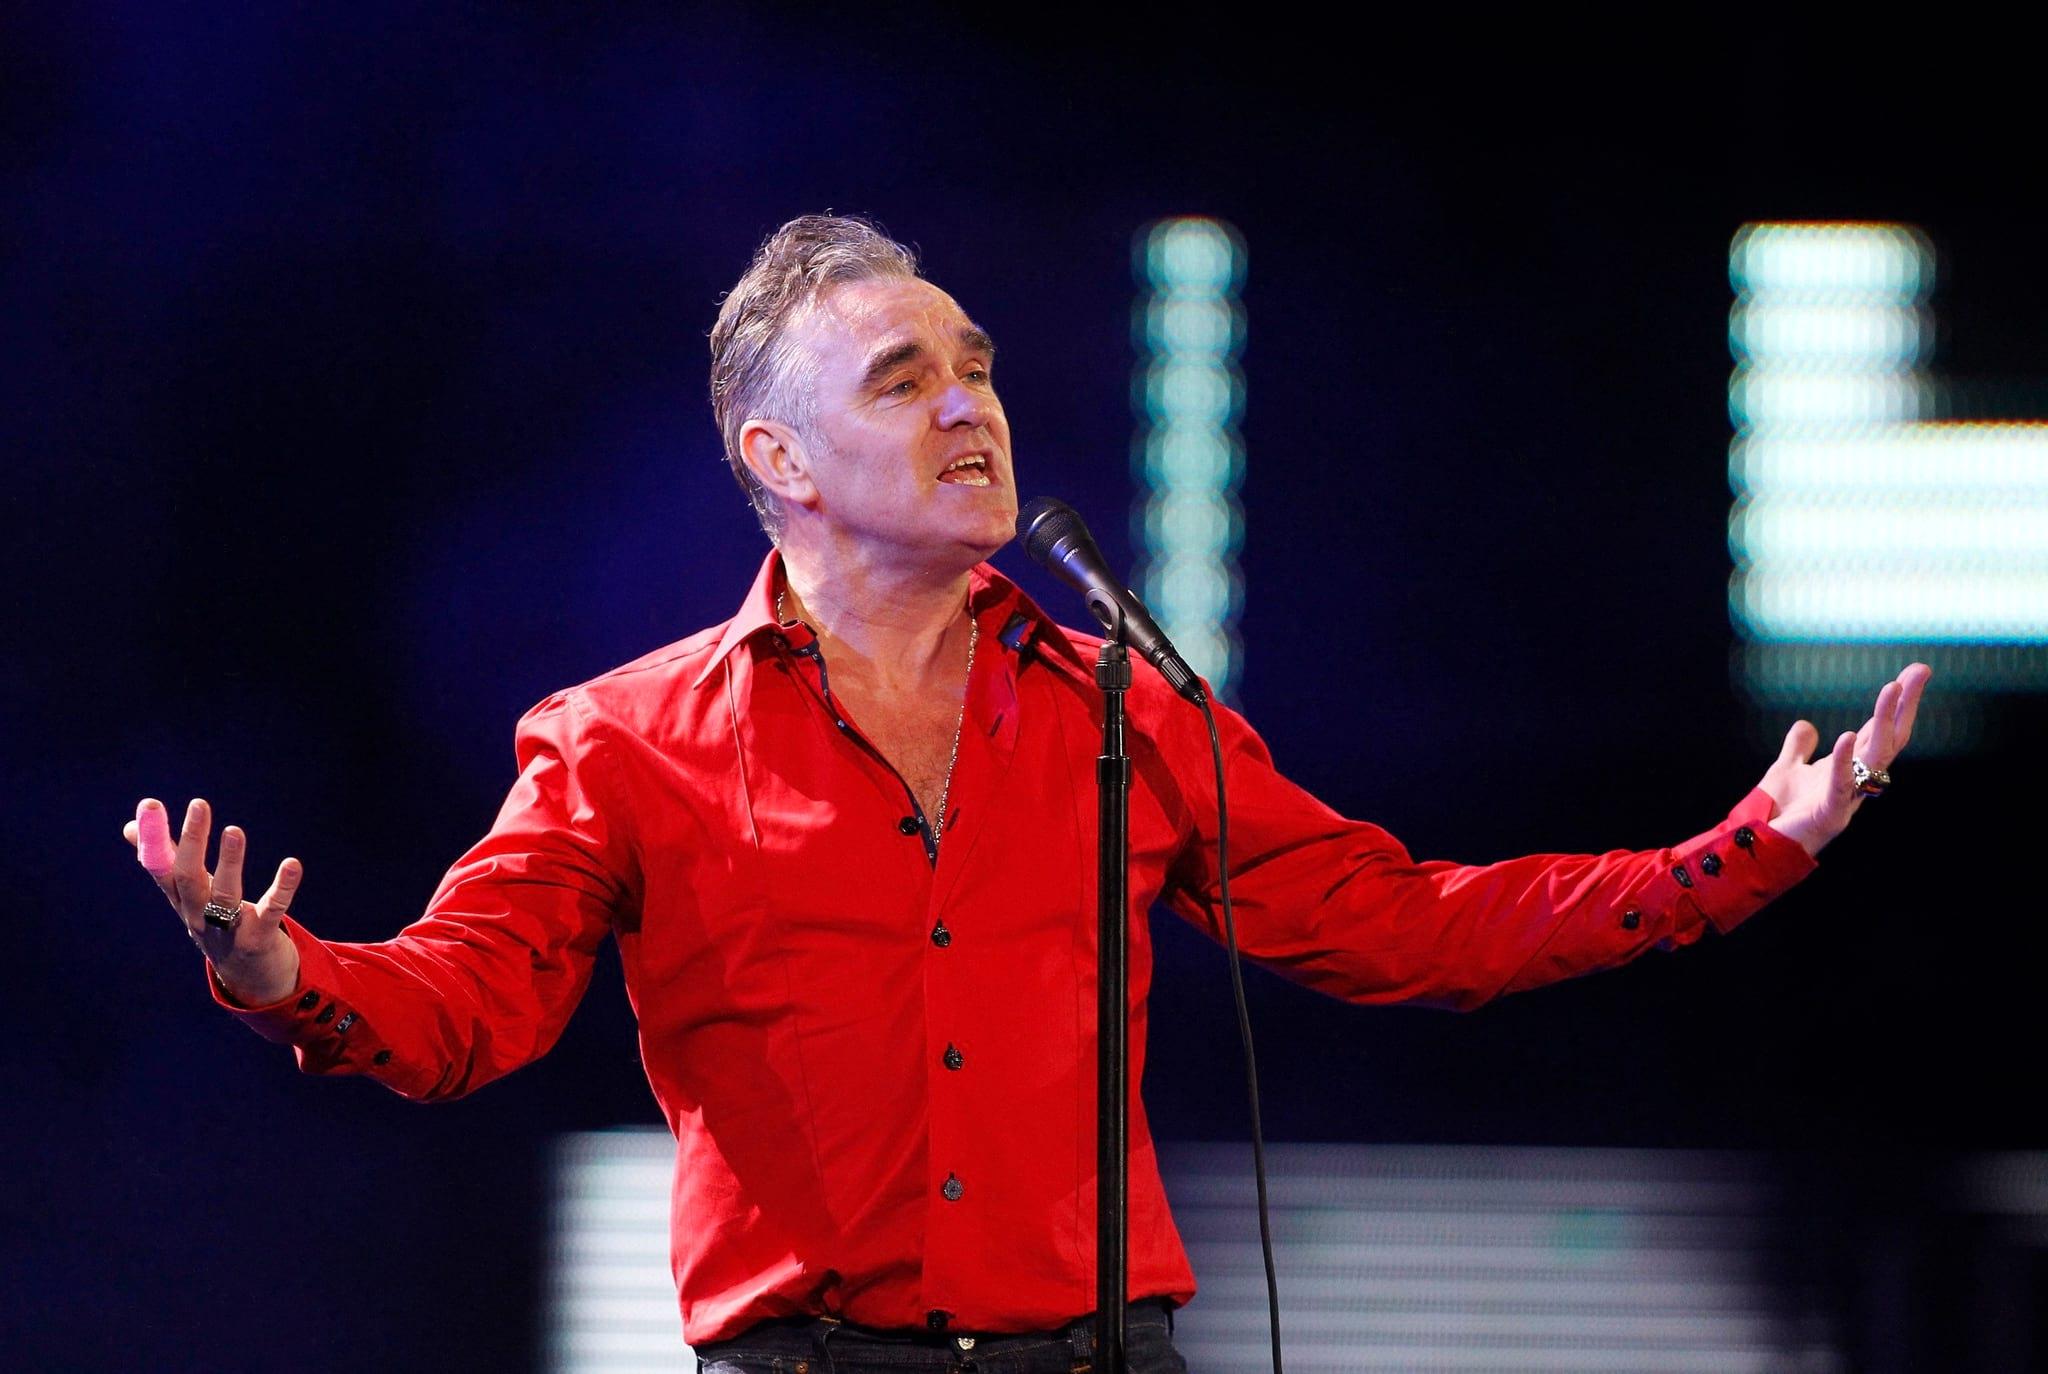 """PÚBLICO - """"Parem de ver as notícias"""", diz Morrissey no seu novo <i>single</i>,<i> Spent the day in bed</i>"""